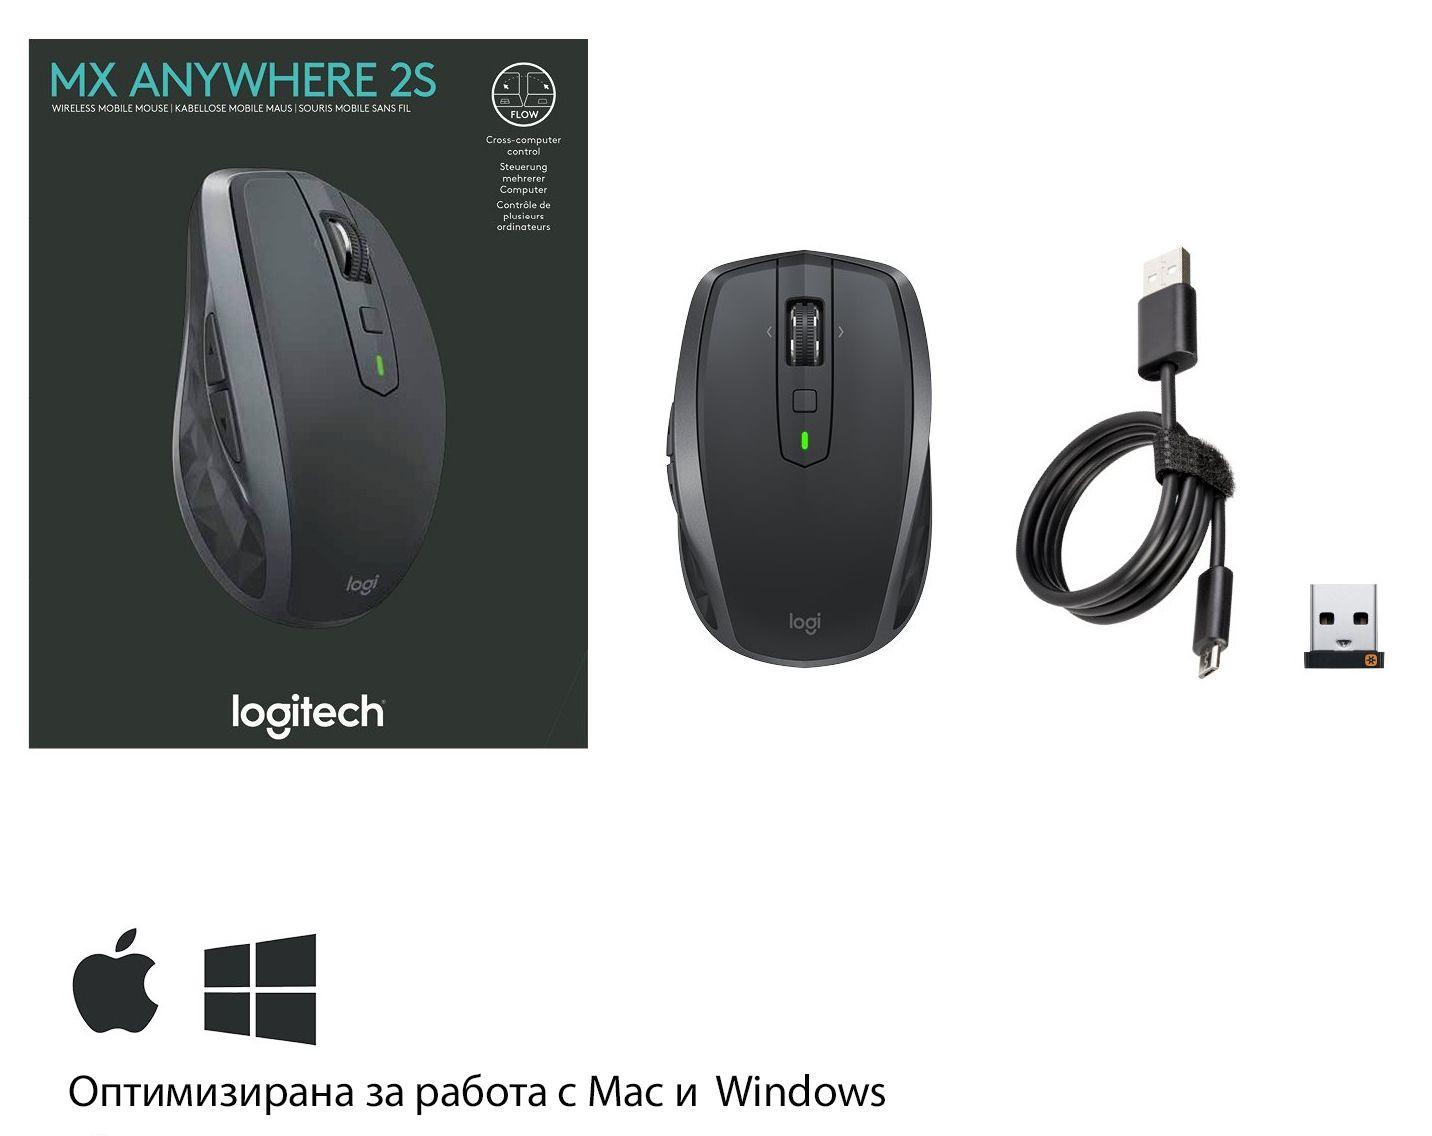 Безжична мишка Logitech MX Anywhere 2S, Graphite - 7